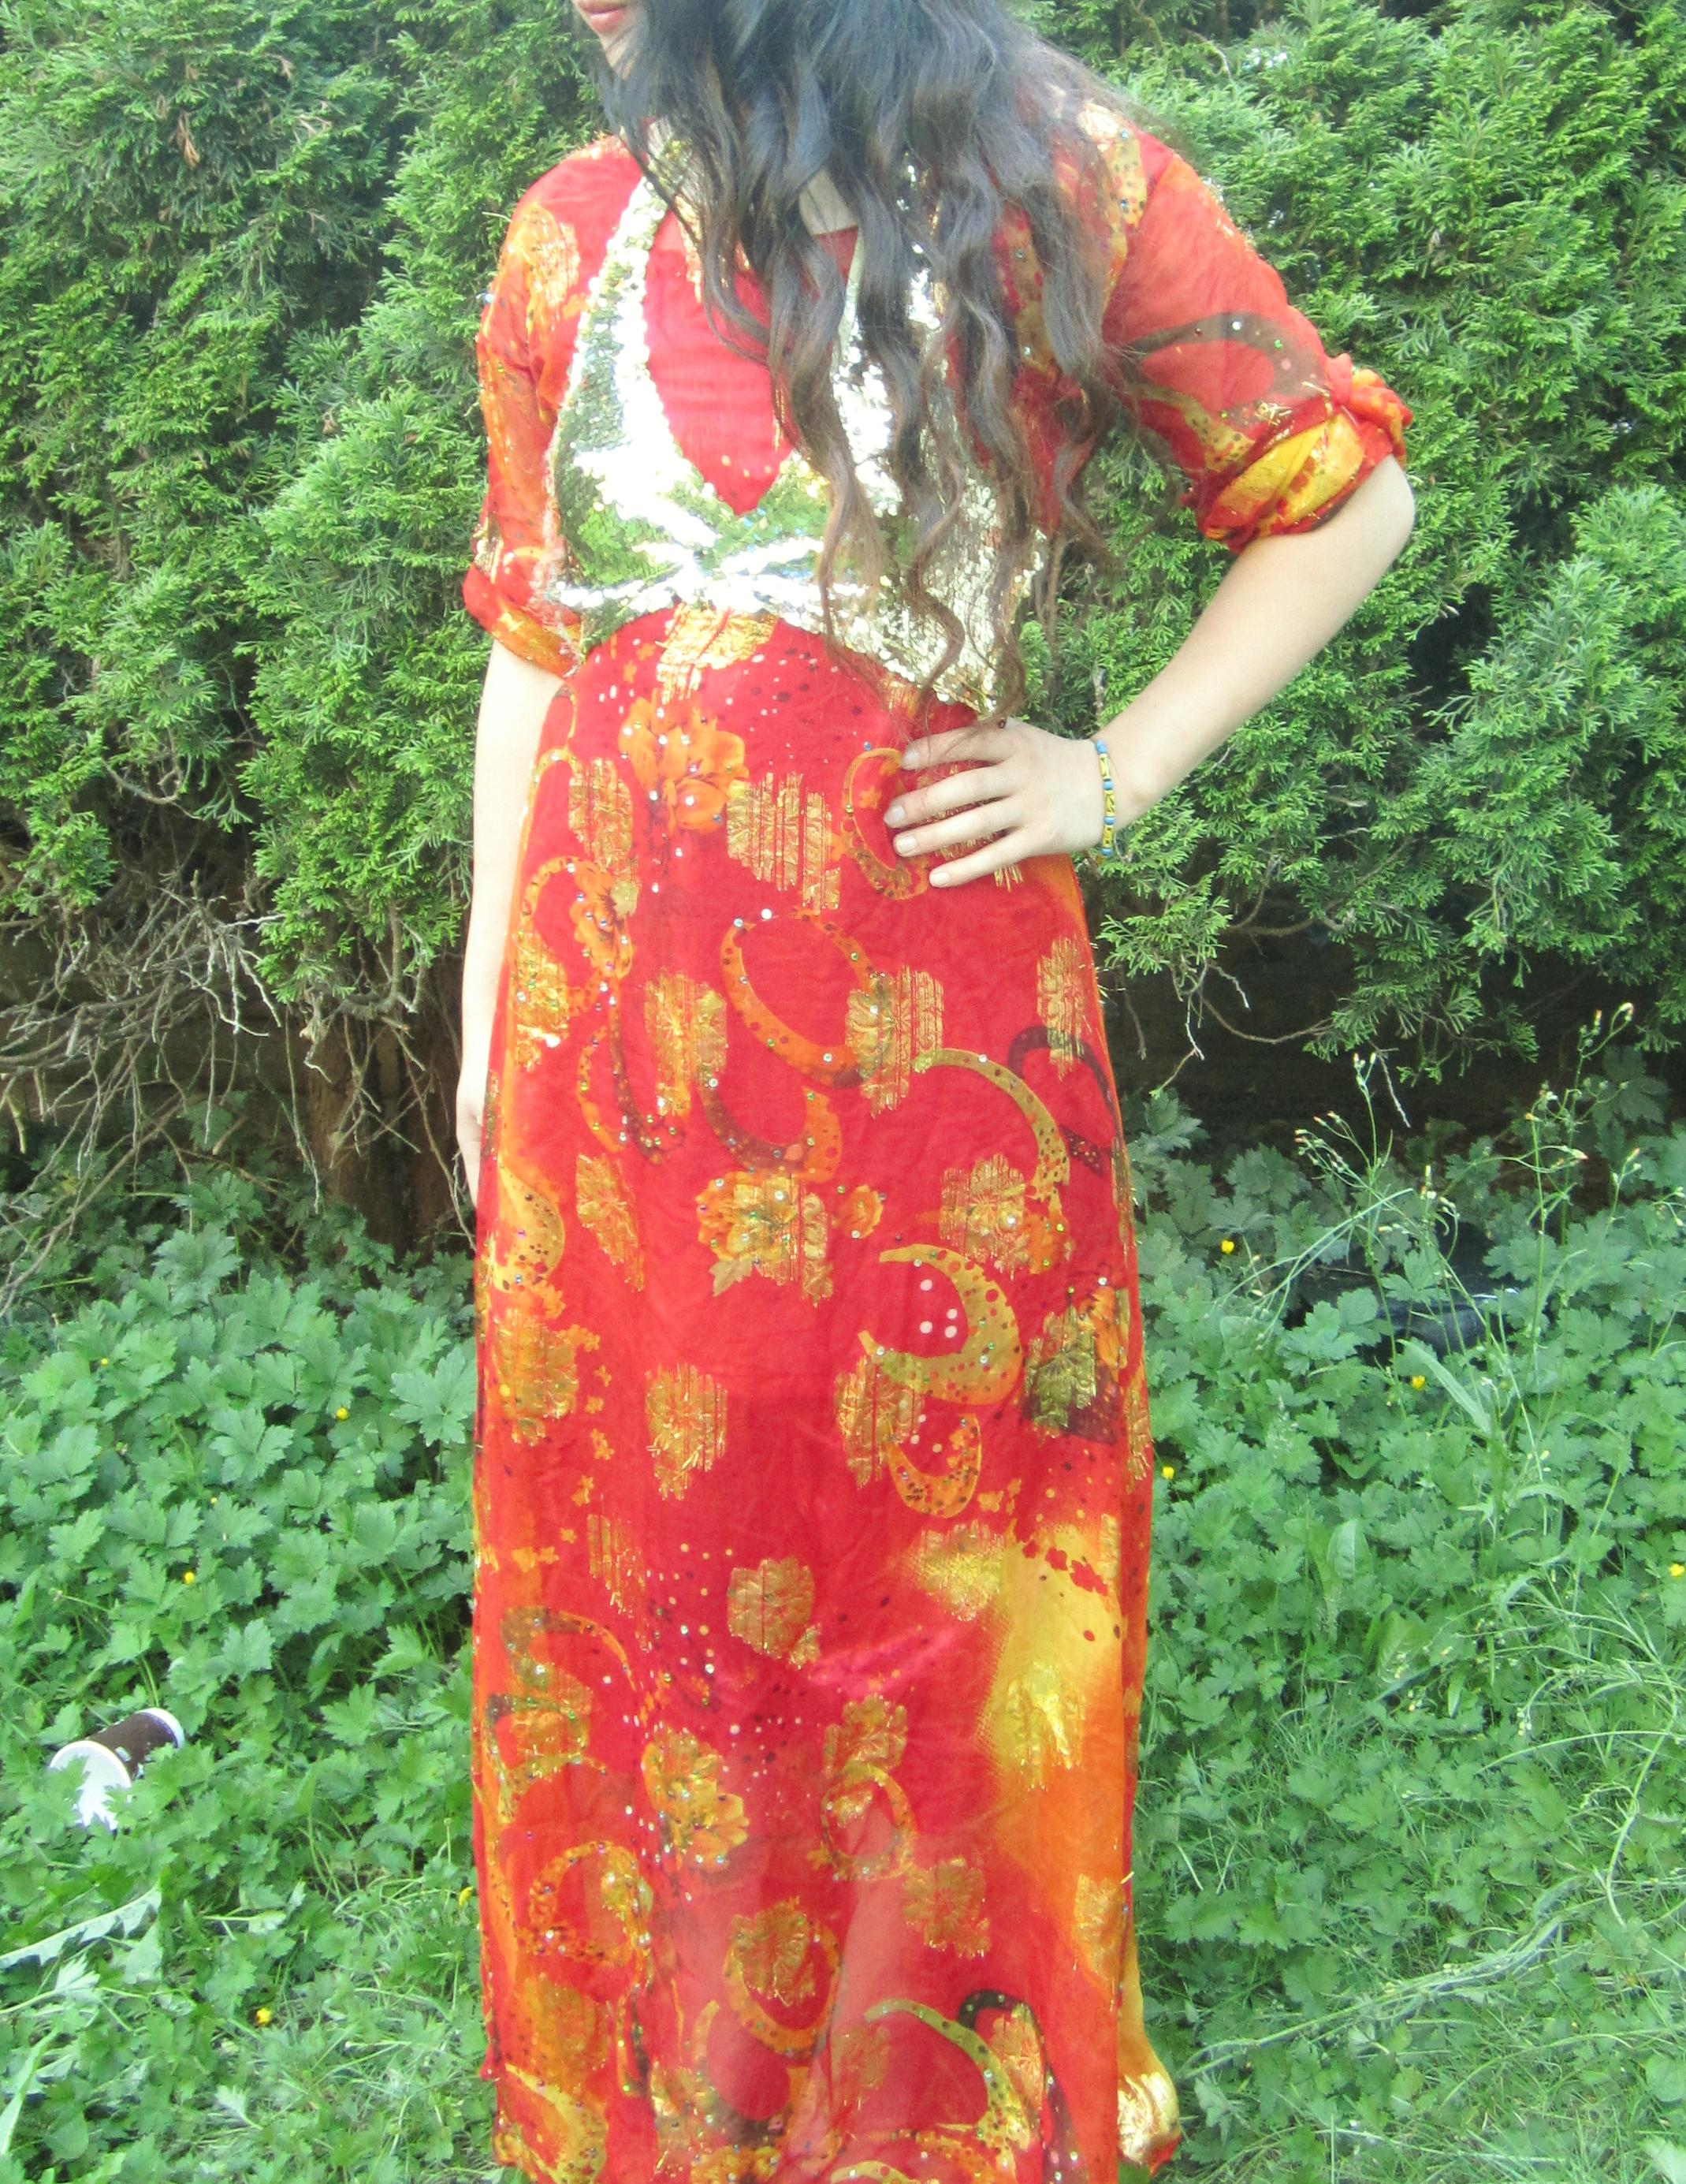 مدل لباس زنانه کردی جدید و زیبا.